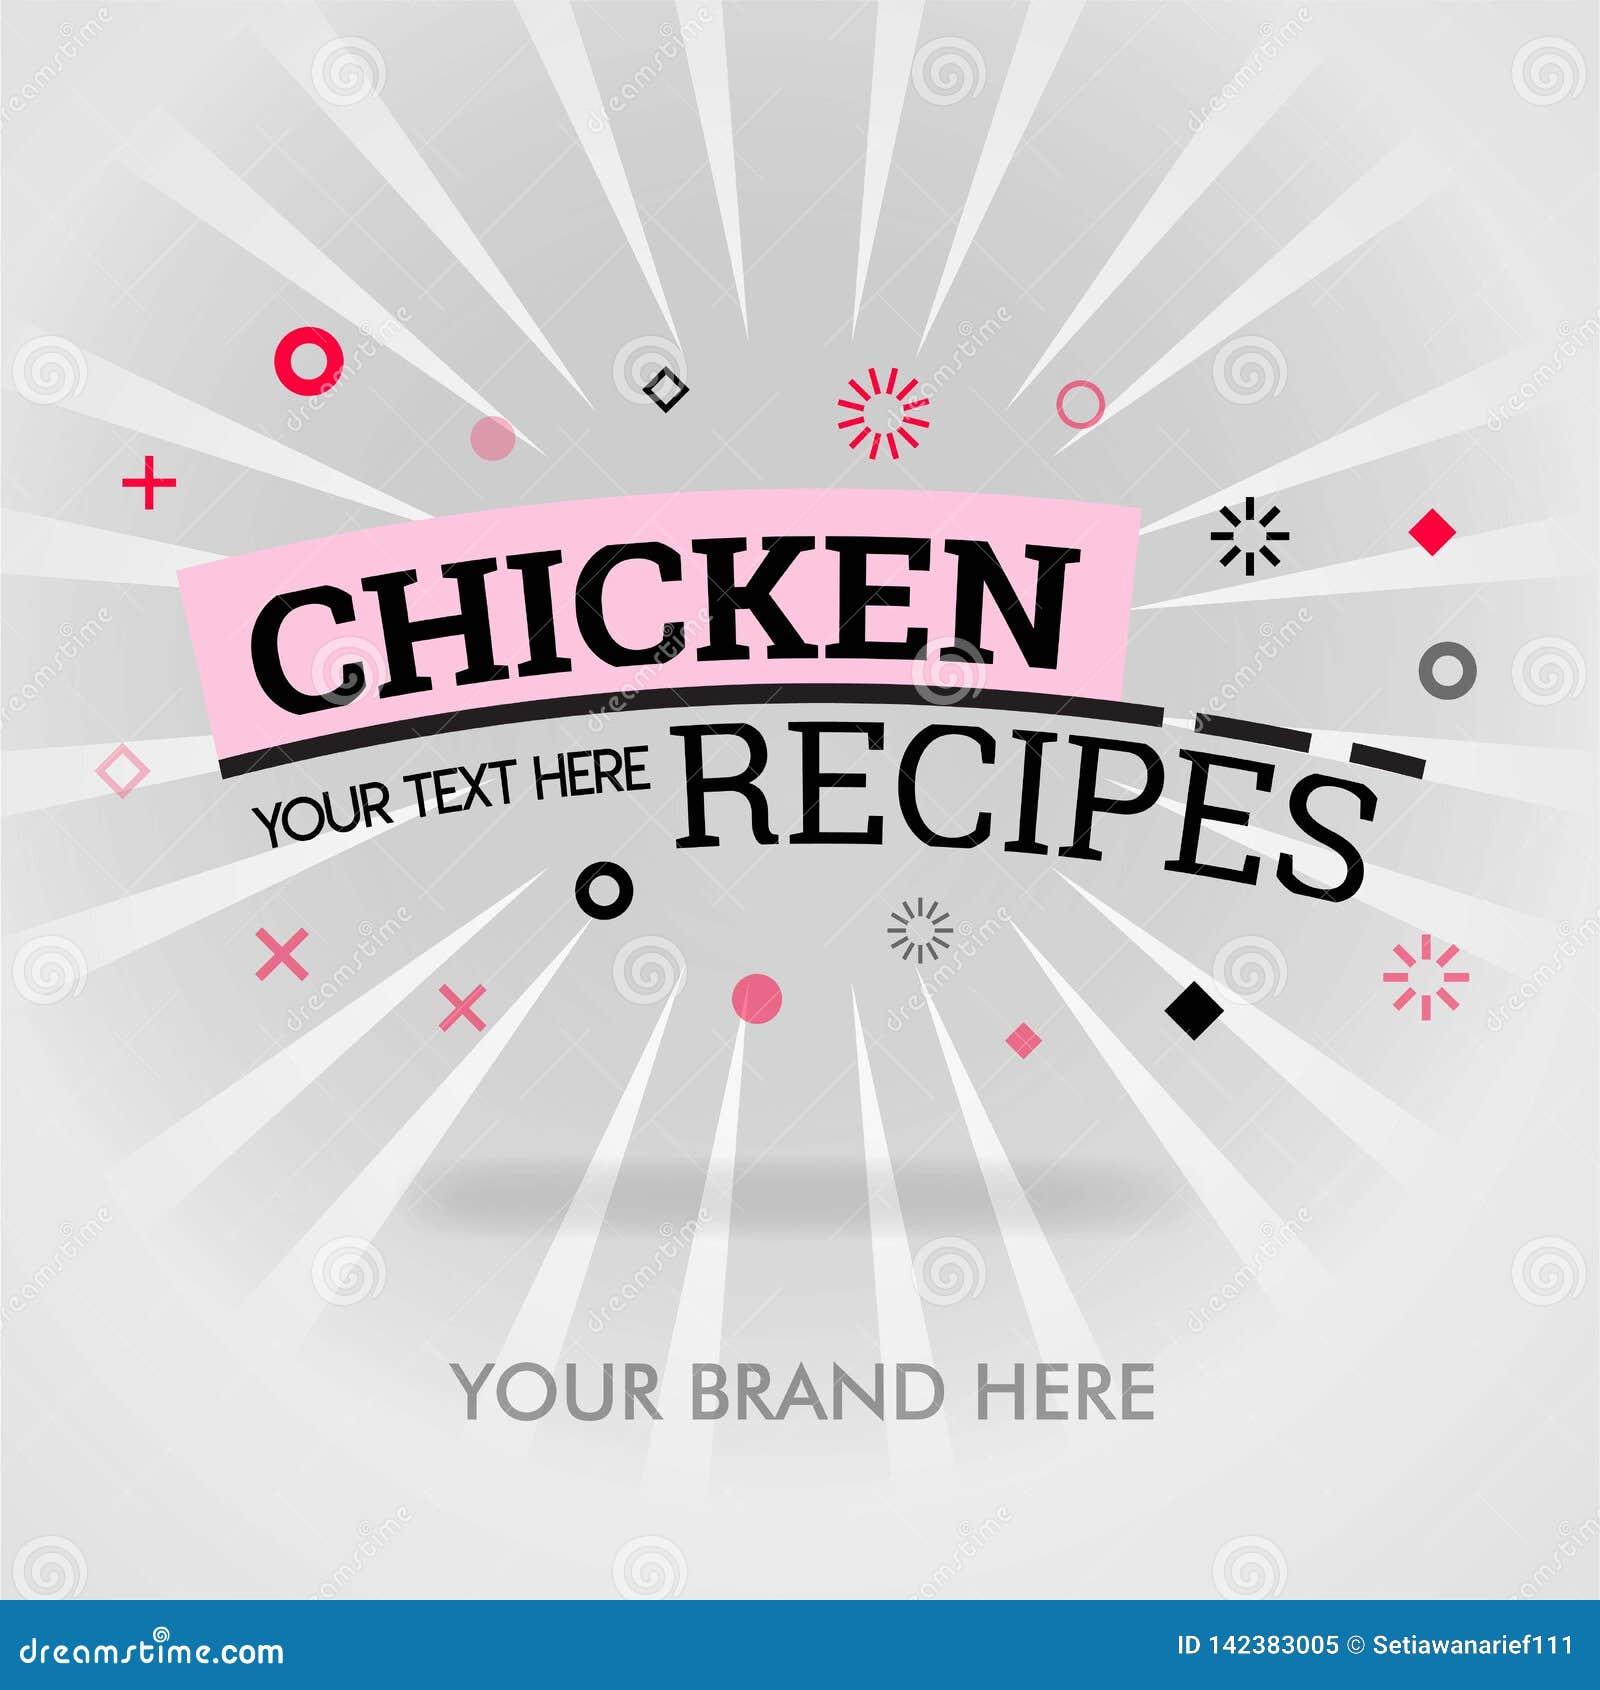 Het kookboek van kippenrecepten hoe te om kippenrecepten te koken uiteinden om beste kippenrecepten te maken kan voor bevordering